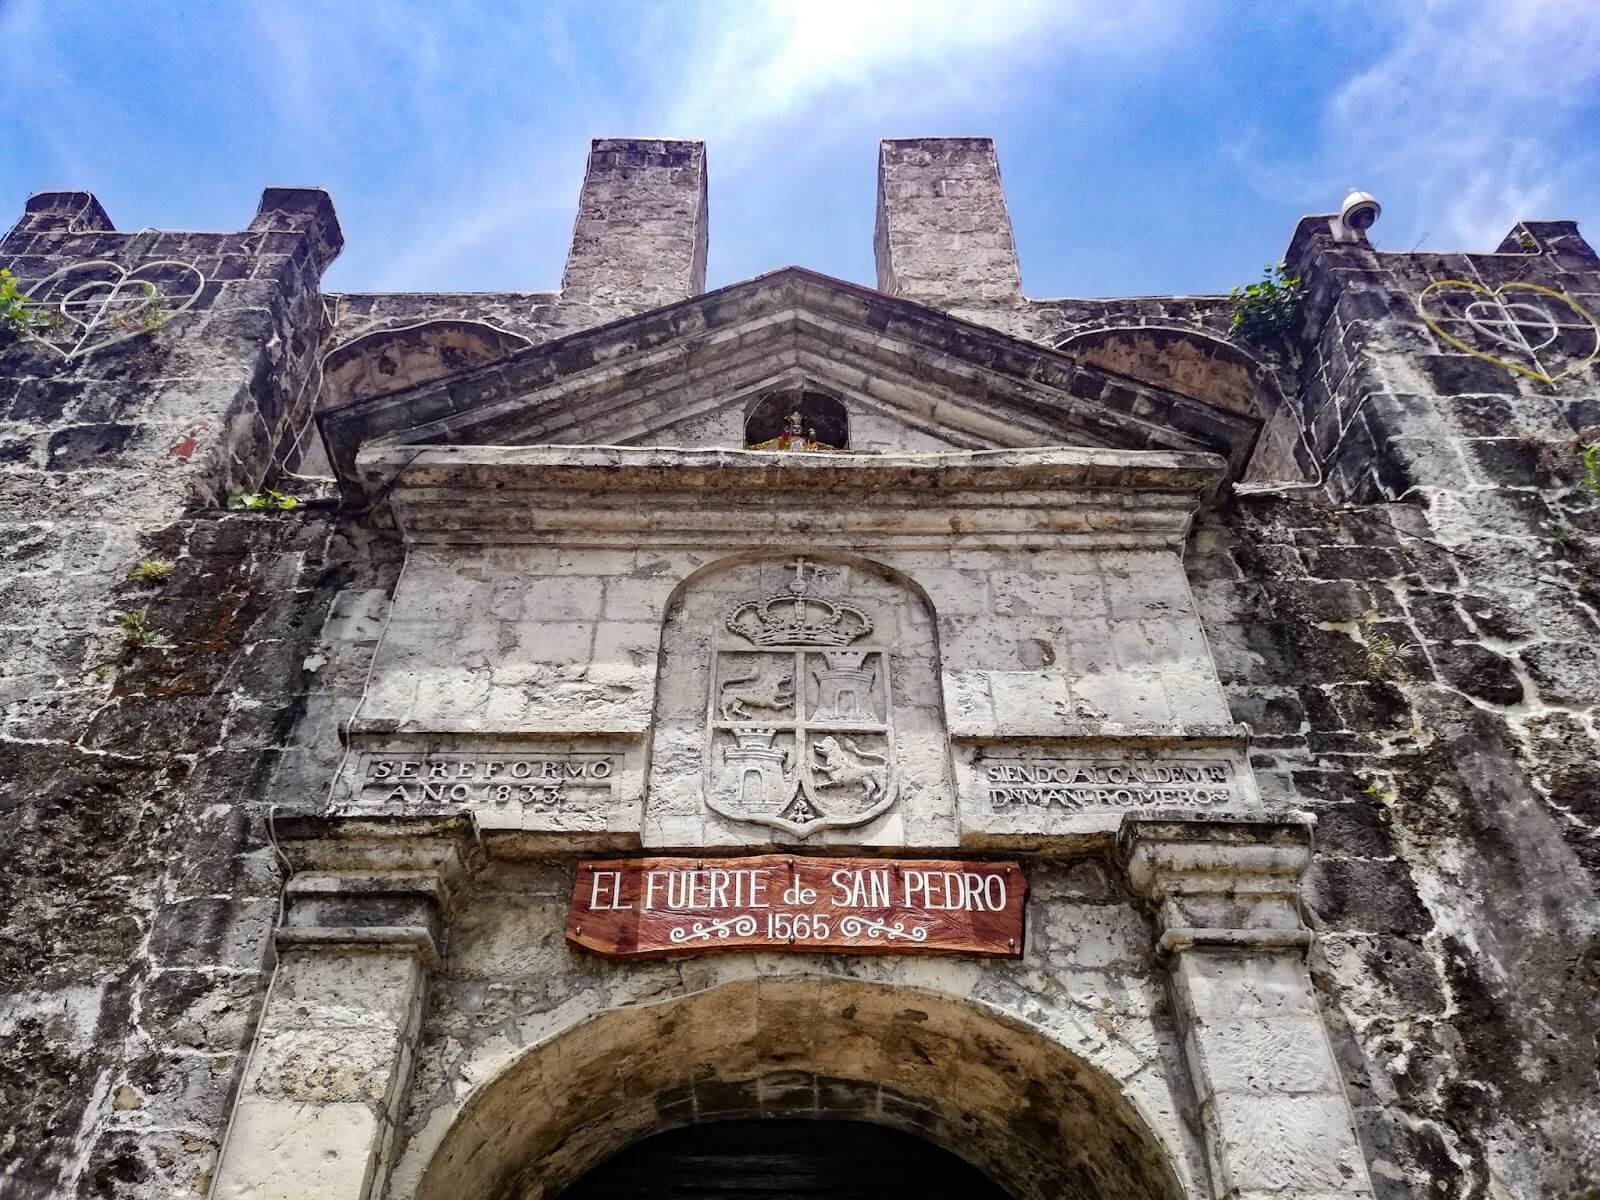 El Fuerte de San Pedro